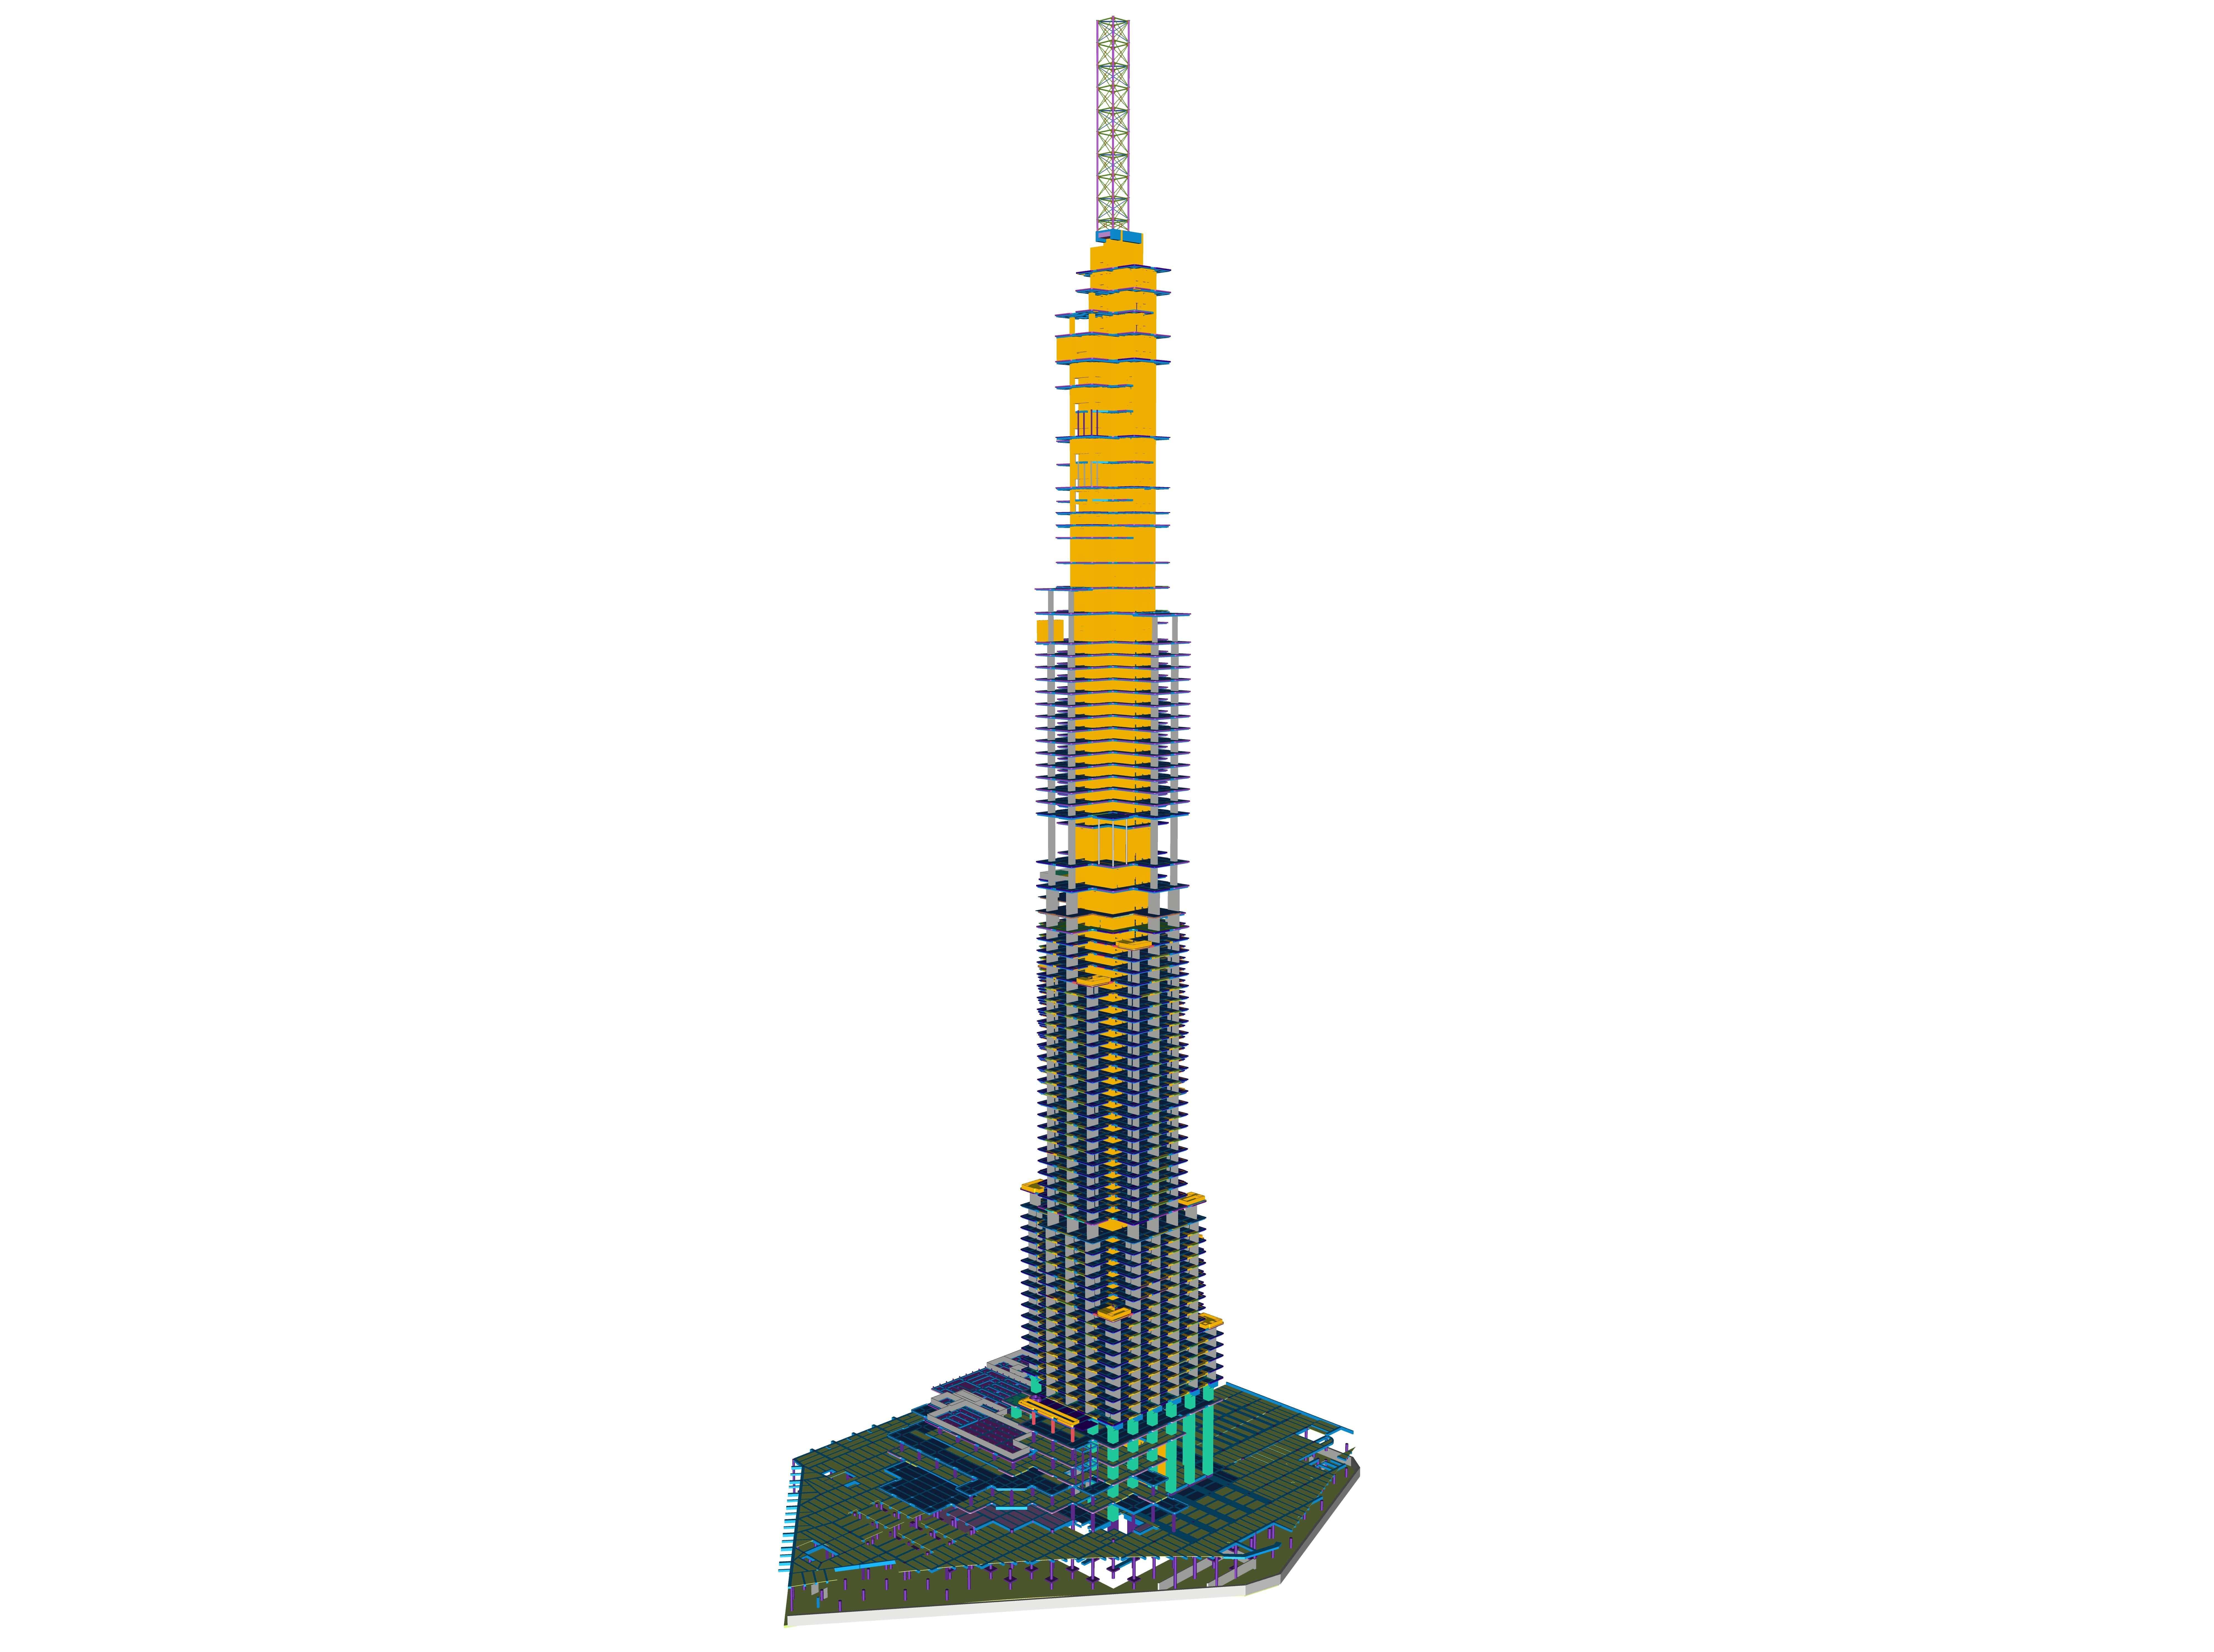 Mit 81 Stockwerken und 3 Untergeschossen ist es das 14. höchste Gebäude der Welt.